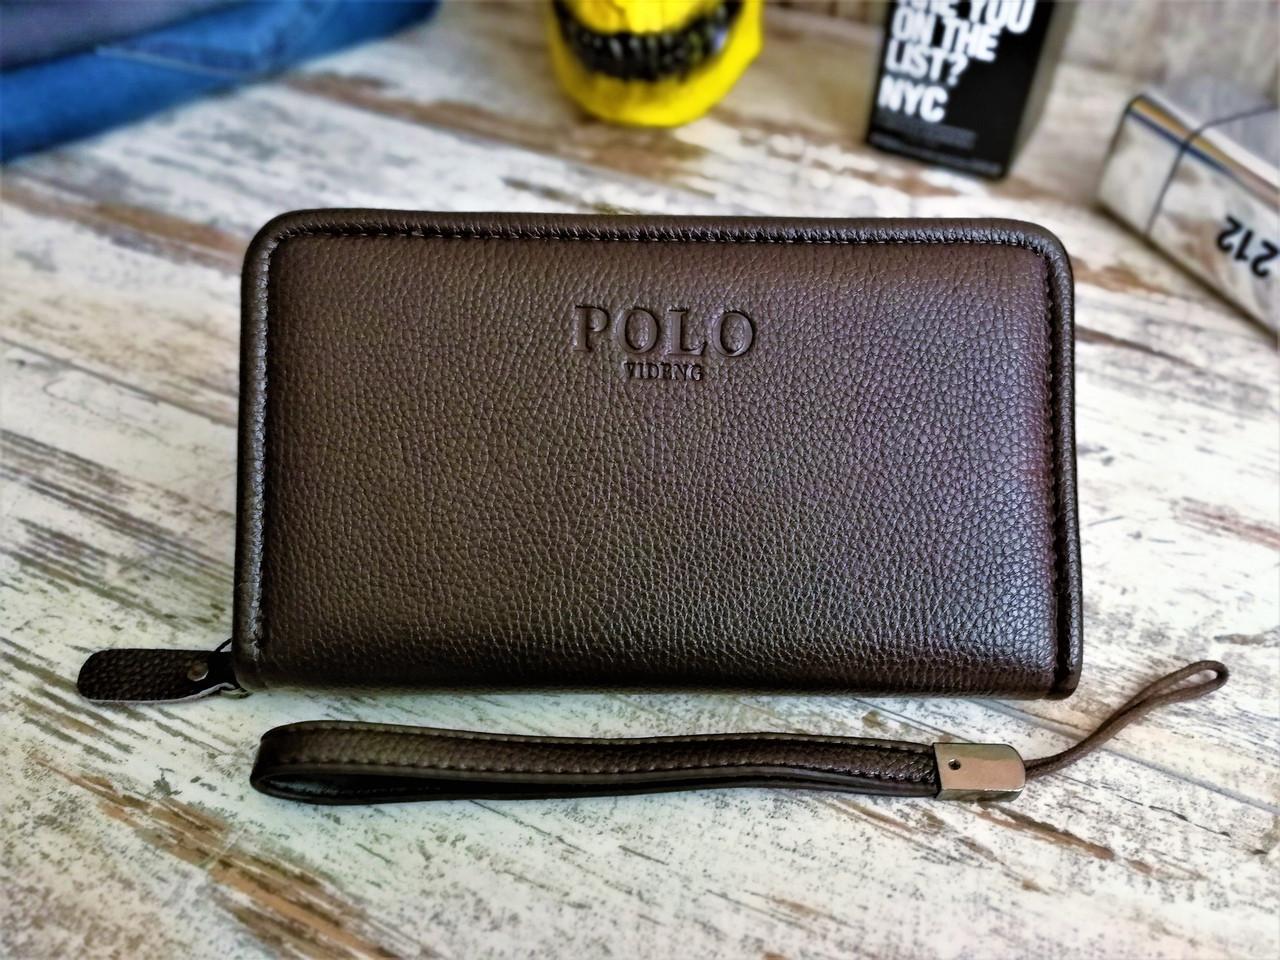 Портмоне (гаманець, клатч) Polo Поло коричневий (репліка)